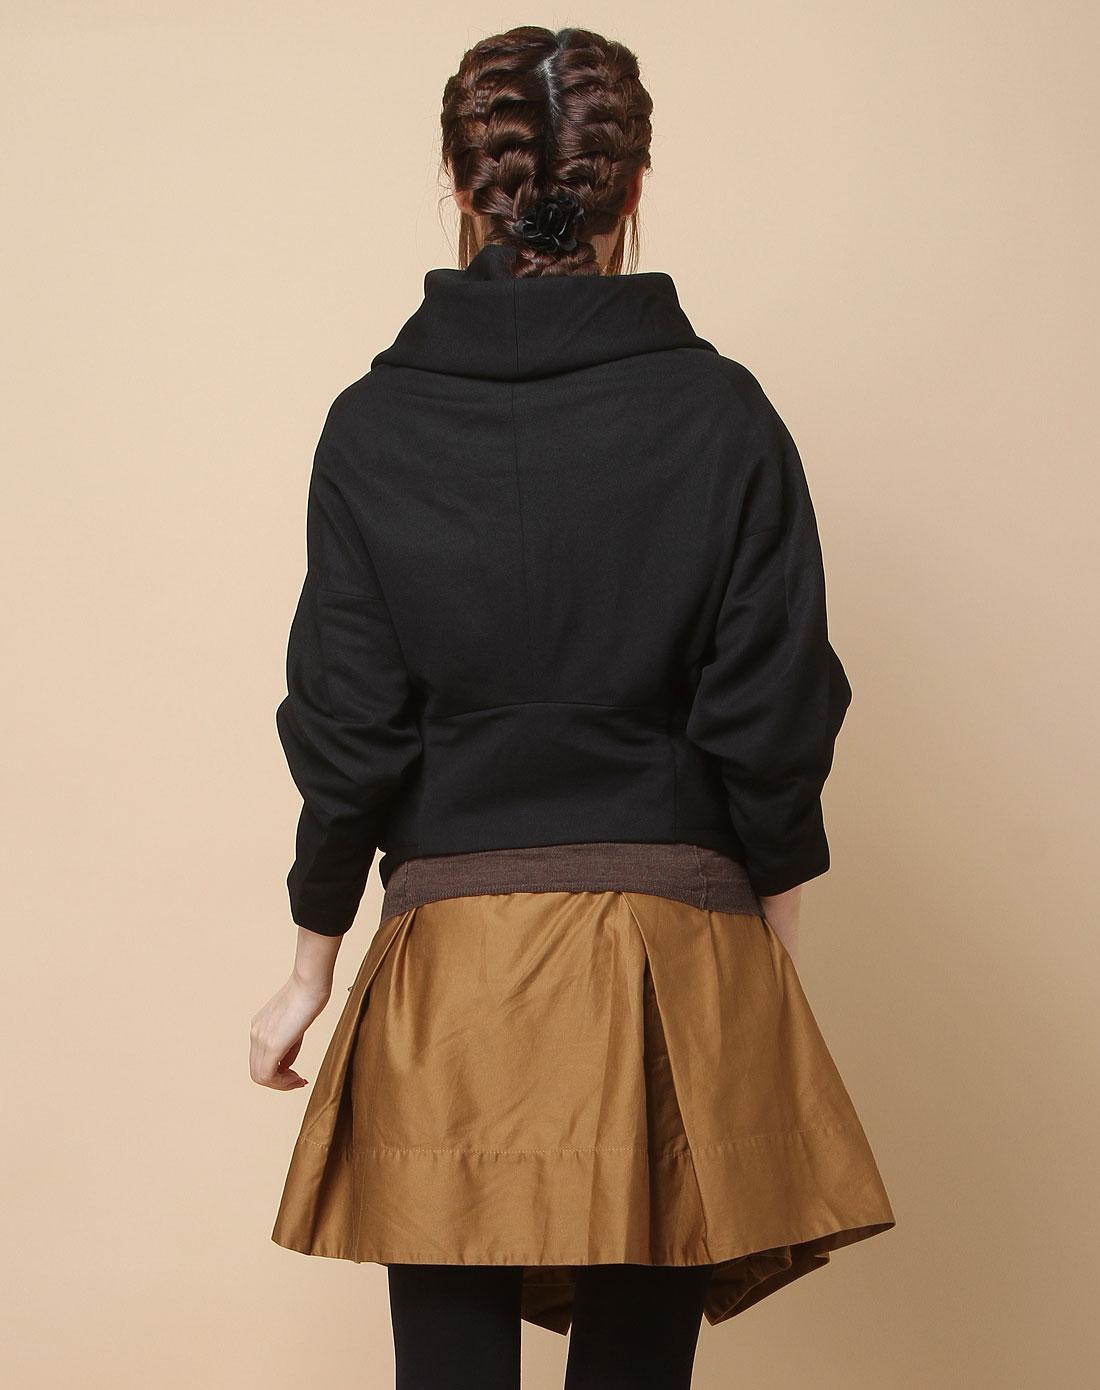 黑色个性连帽中袖针织外套